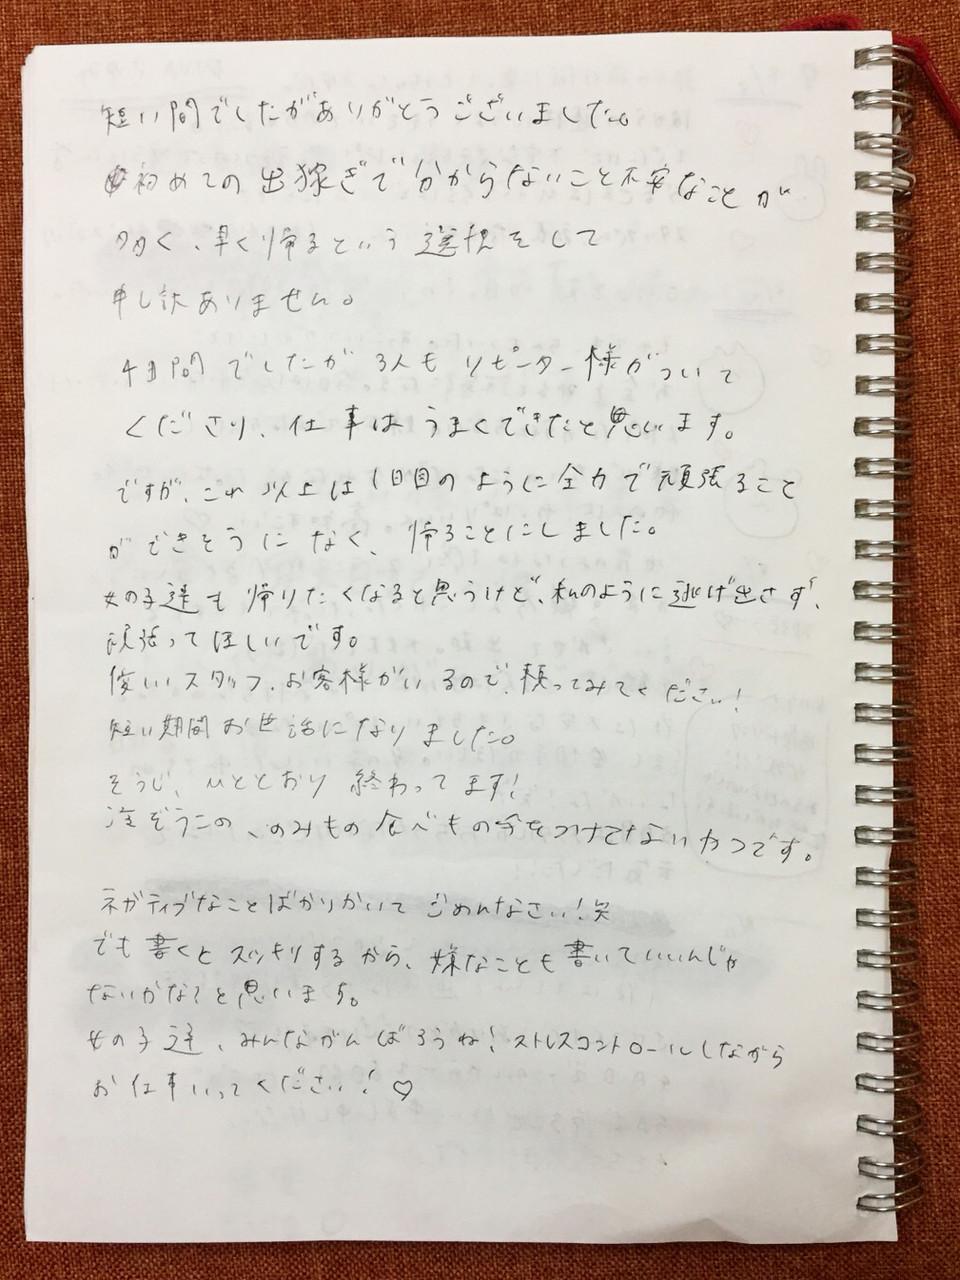 AC3C040E-46DE-4864-8B5C-1A210EC7A022